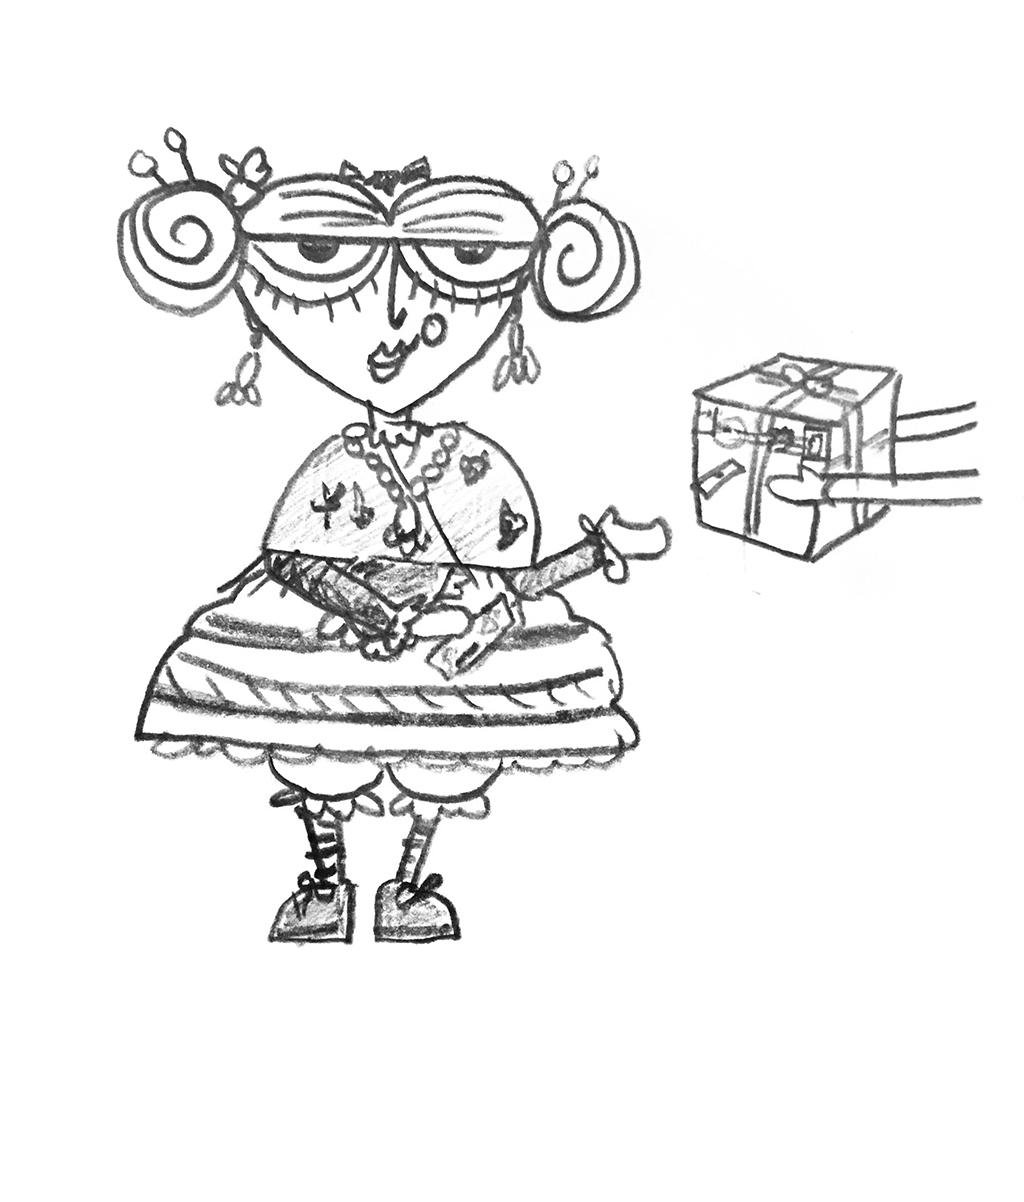 dedicarte taller creativo devoluciones dibujo